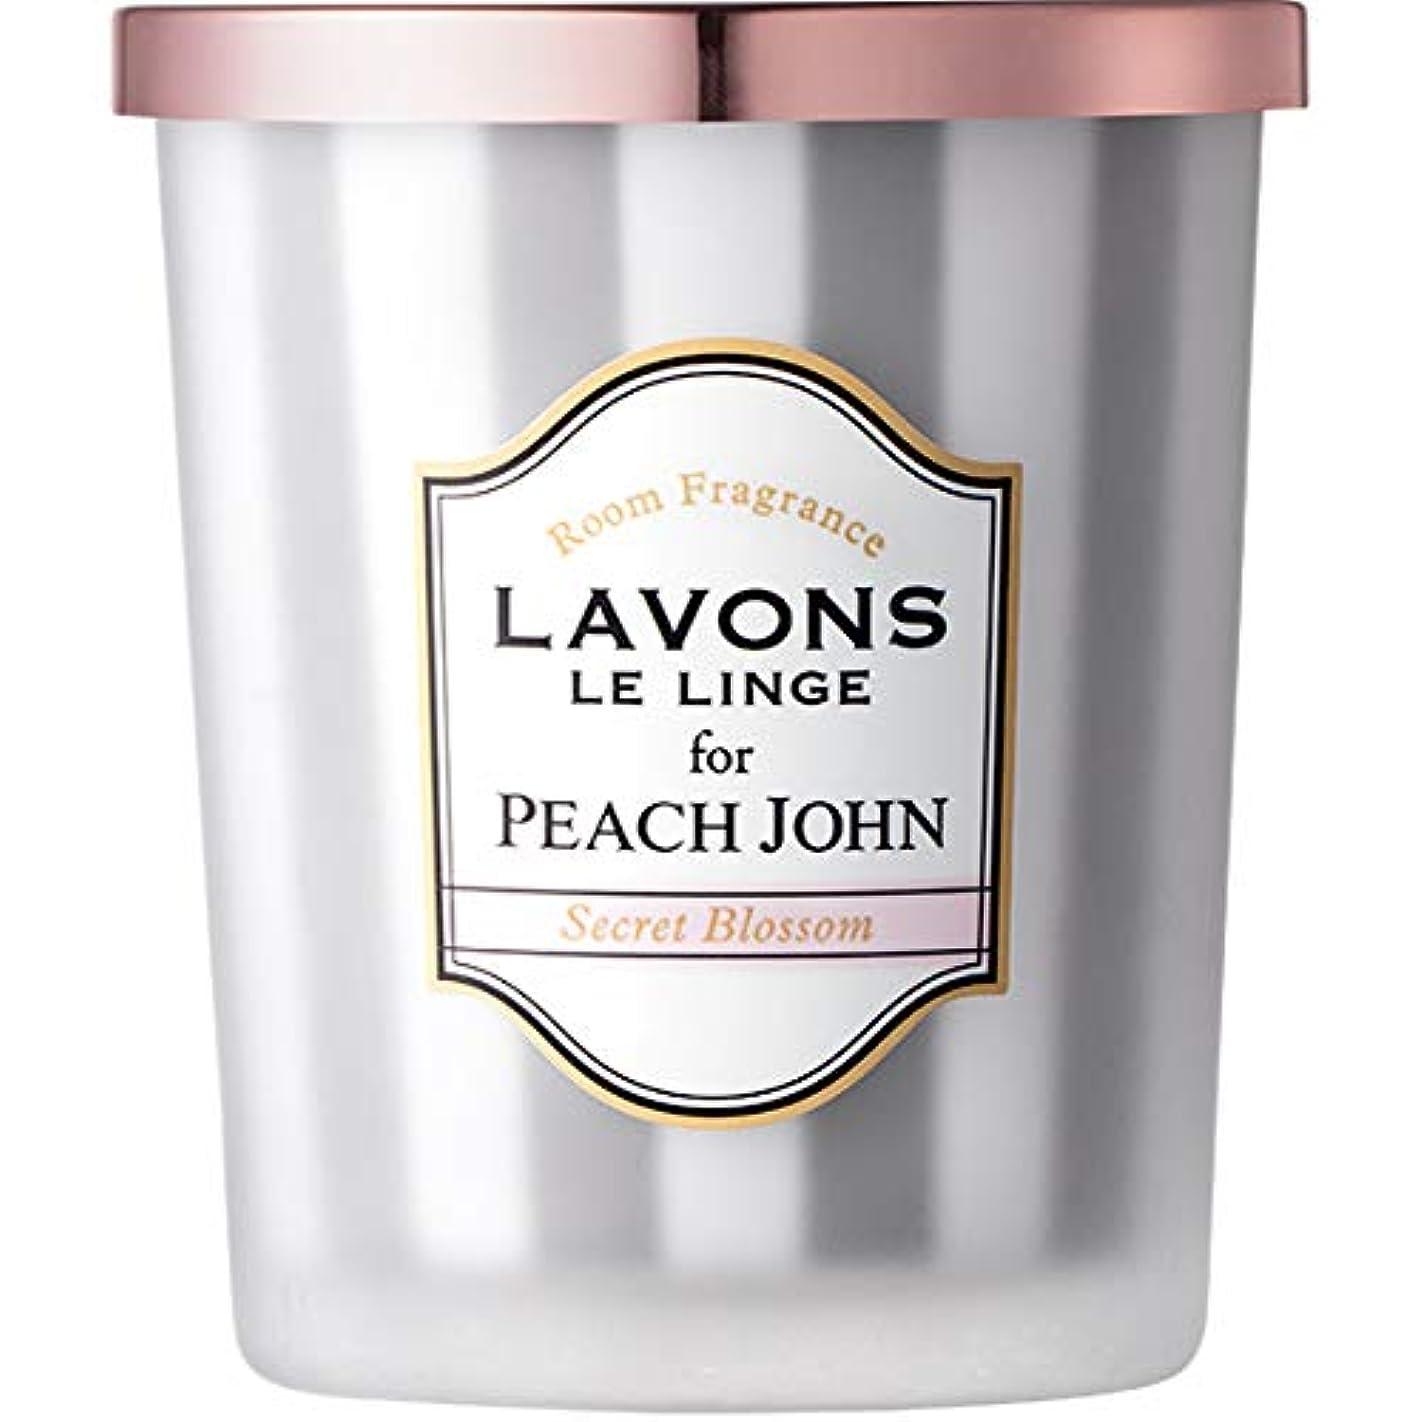 によって把握第九ラボン for PEACH JOHN 部屋用フレグランス シークレットブロッサムの香り 150g